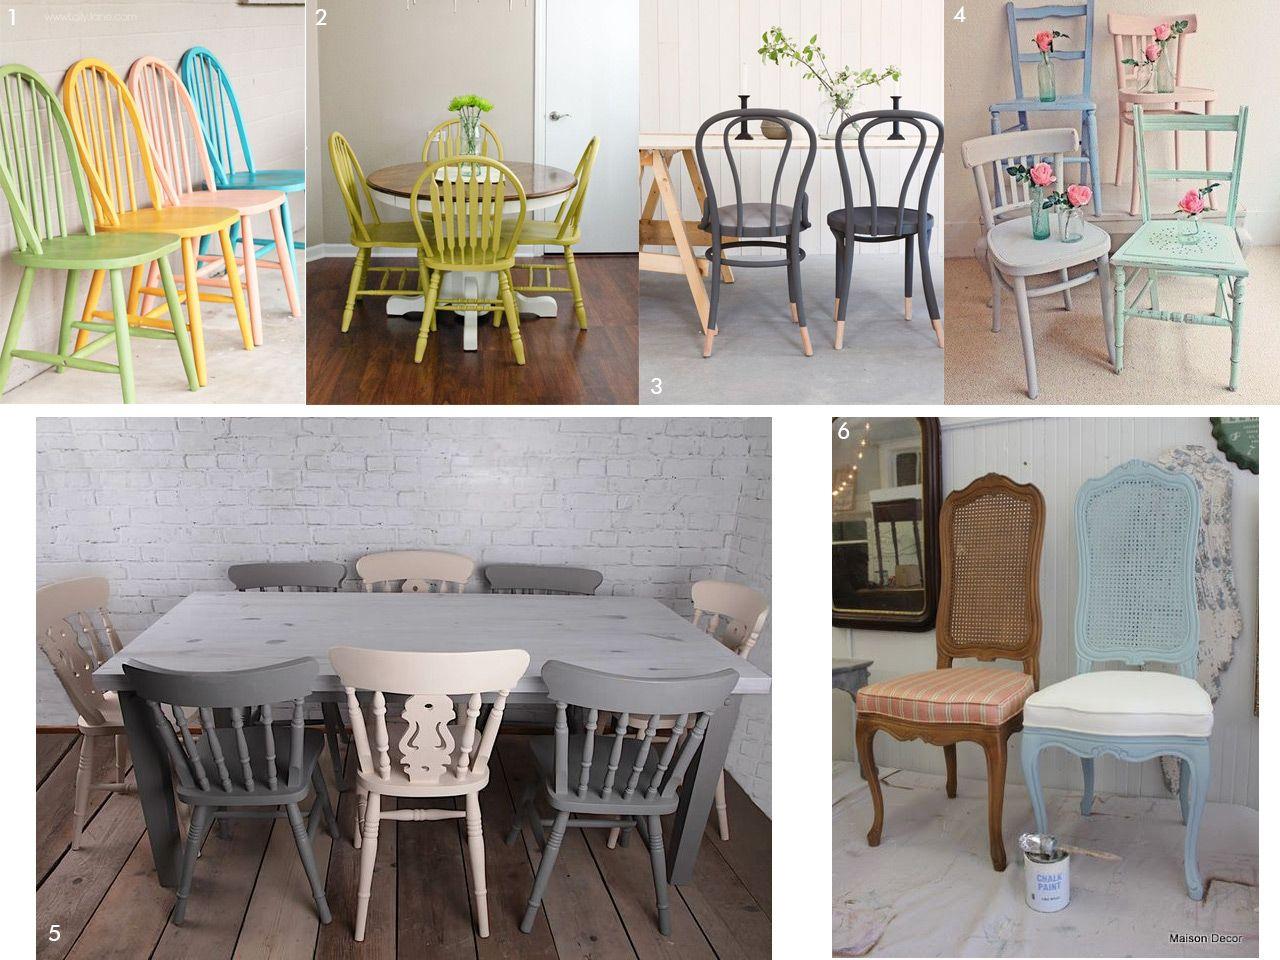 83 Jpg 1280 960 Decoraci N Pinterest Mesas Pinturas Y  # Customizar Muebles